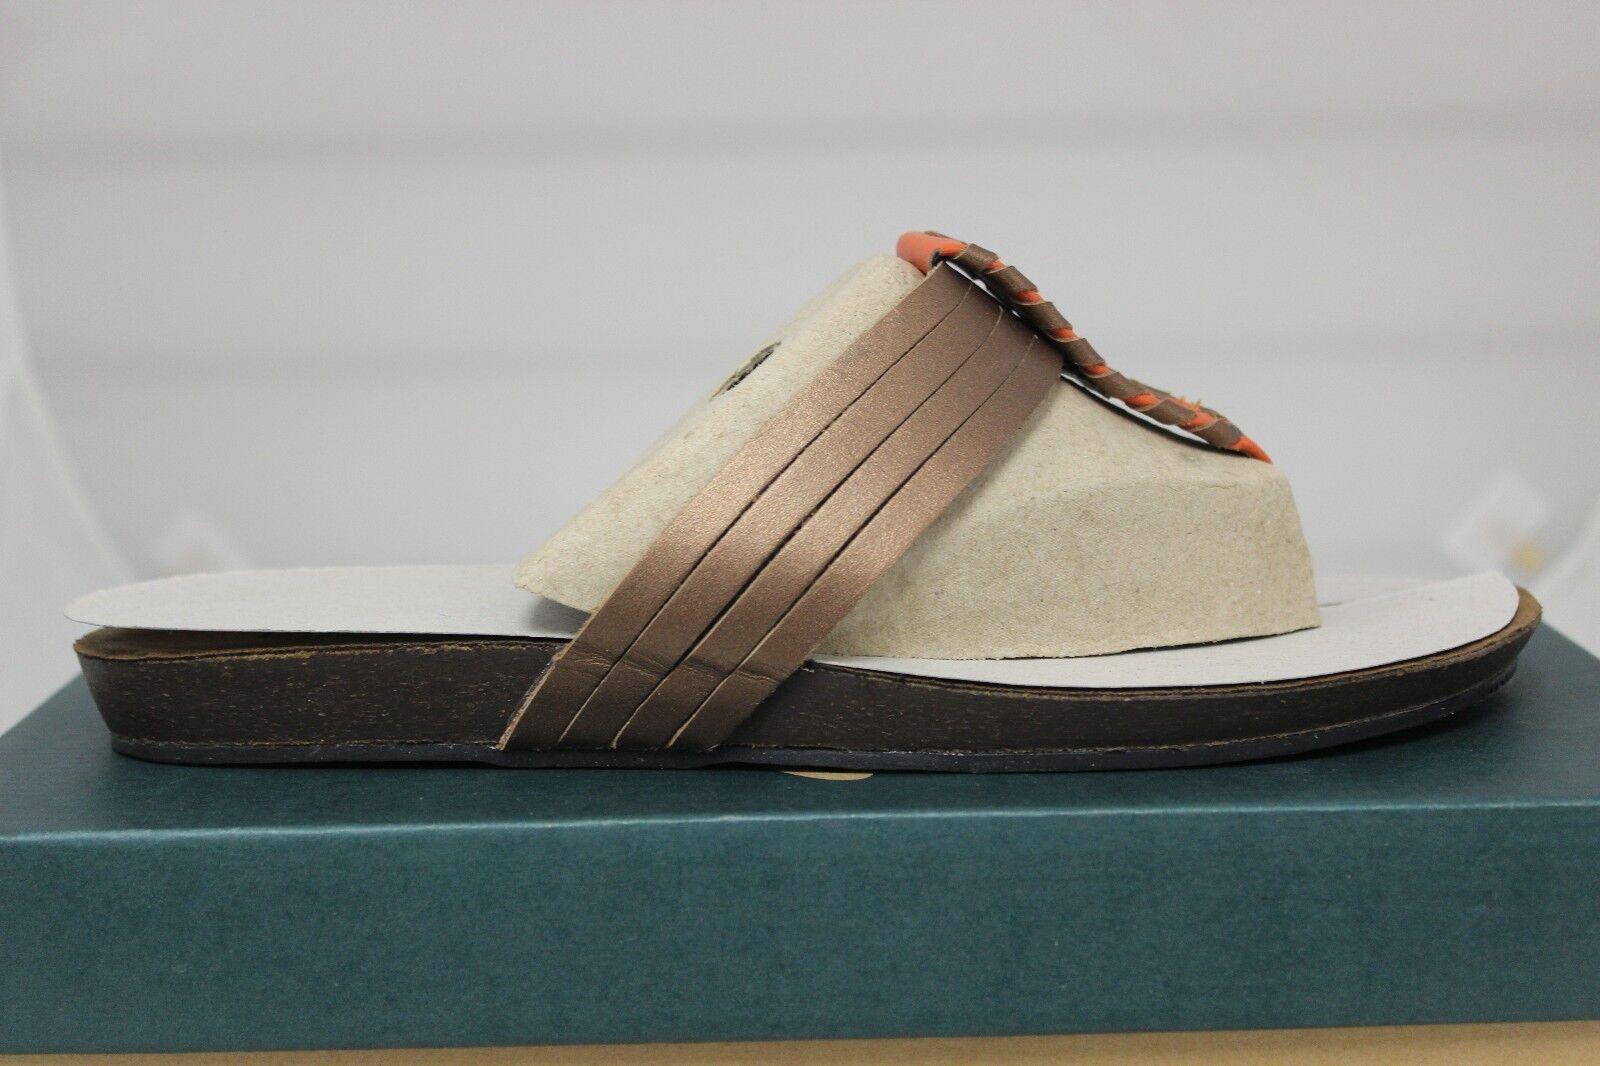 Damen Clarks Lynx Verschluss Sandalen Rot Sandalen Verschluss 65245 Nagelneu in Karton 5a571c